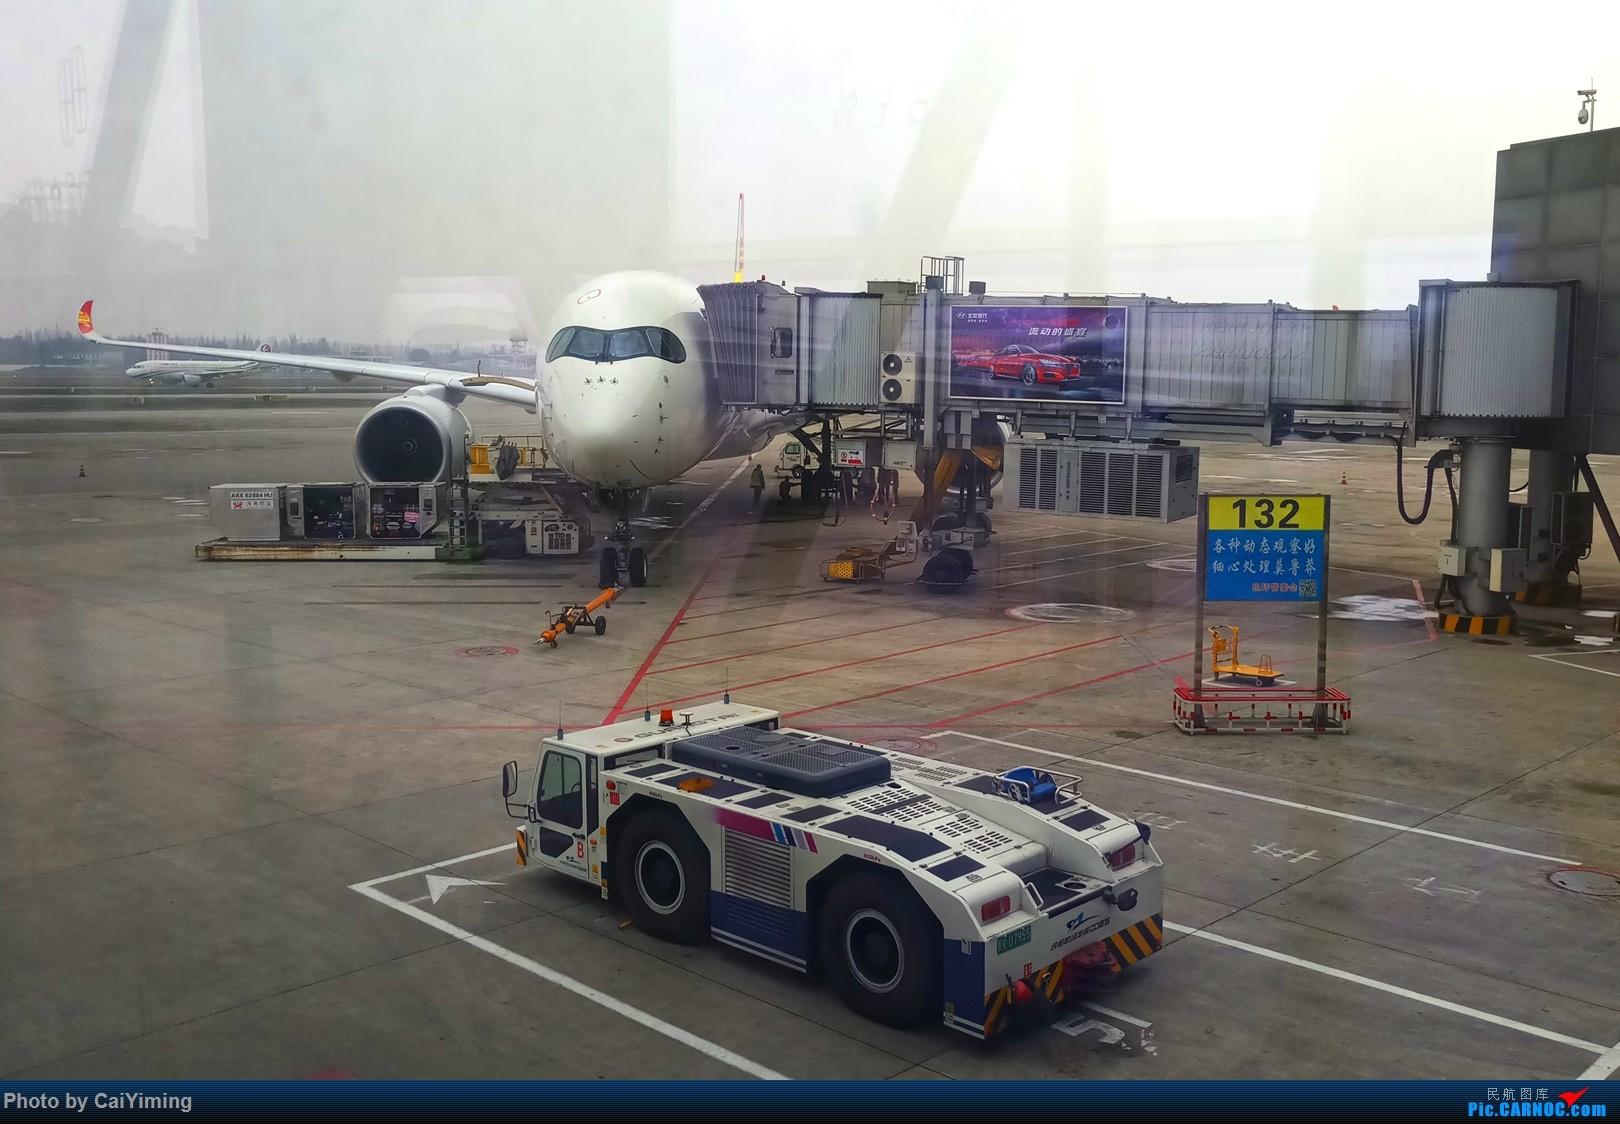 Re:[原创]【人在旅途】成都-浦东-虹桥-西安-南通-成都(3U+MU空客A359体验) AIRBUS A350-900 B-1069 中国成都双流国际机场